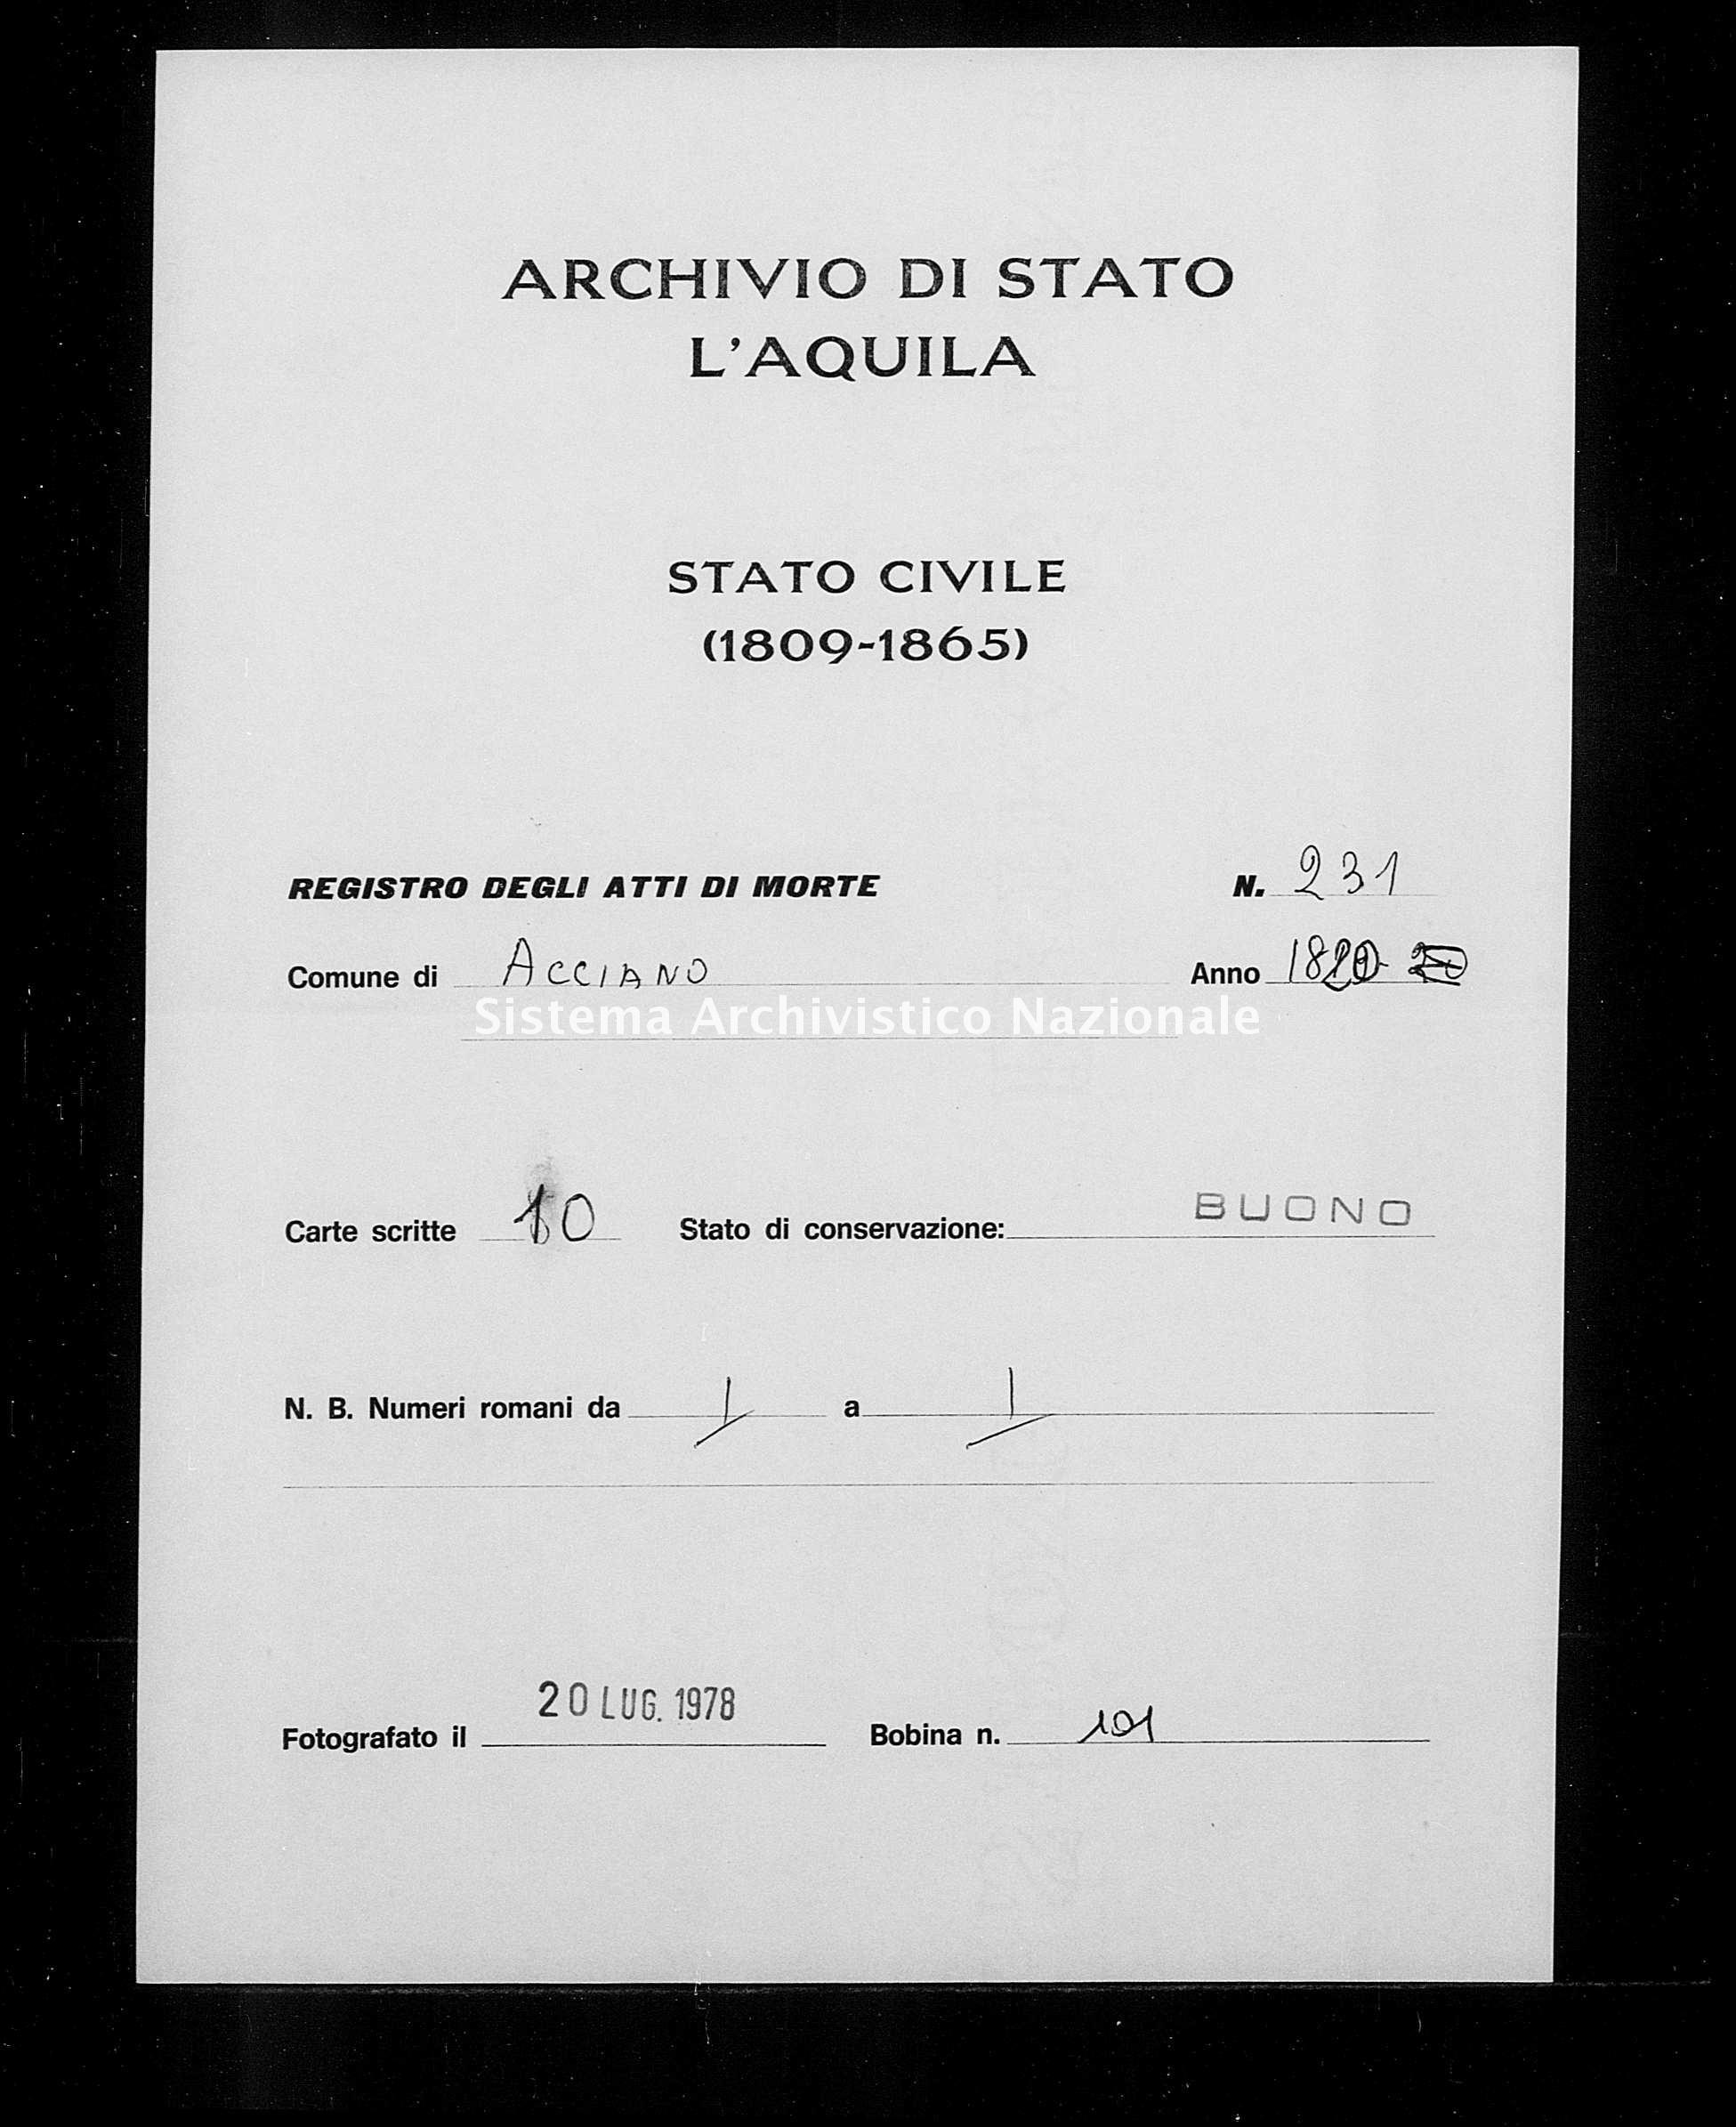 Archivio di stato di L'aquila - Stato civile della restaurazione - Acciano - Morti - 1820 - 231 -